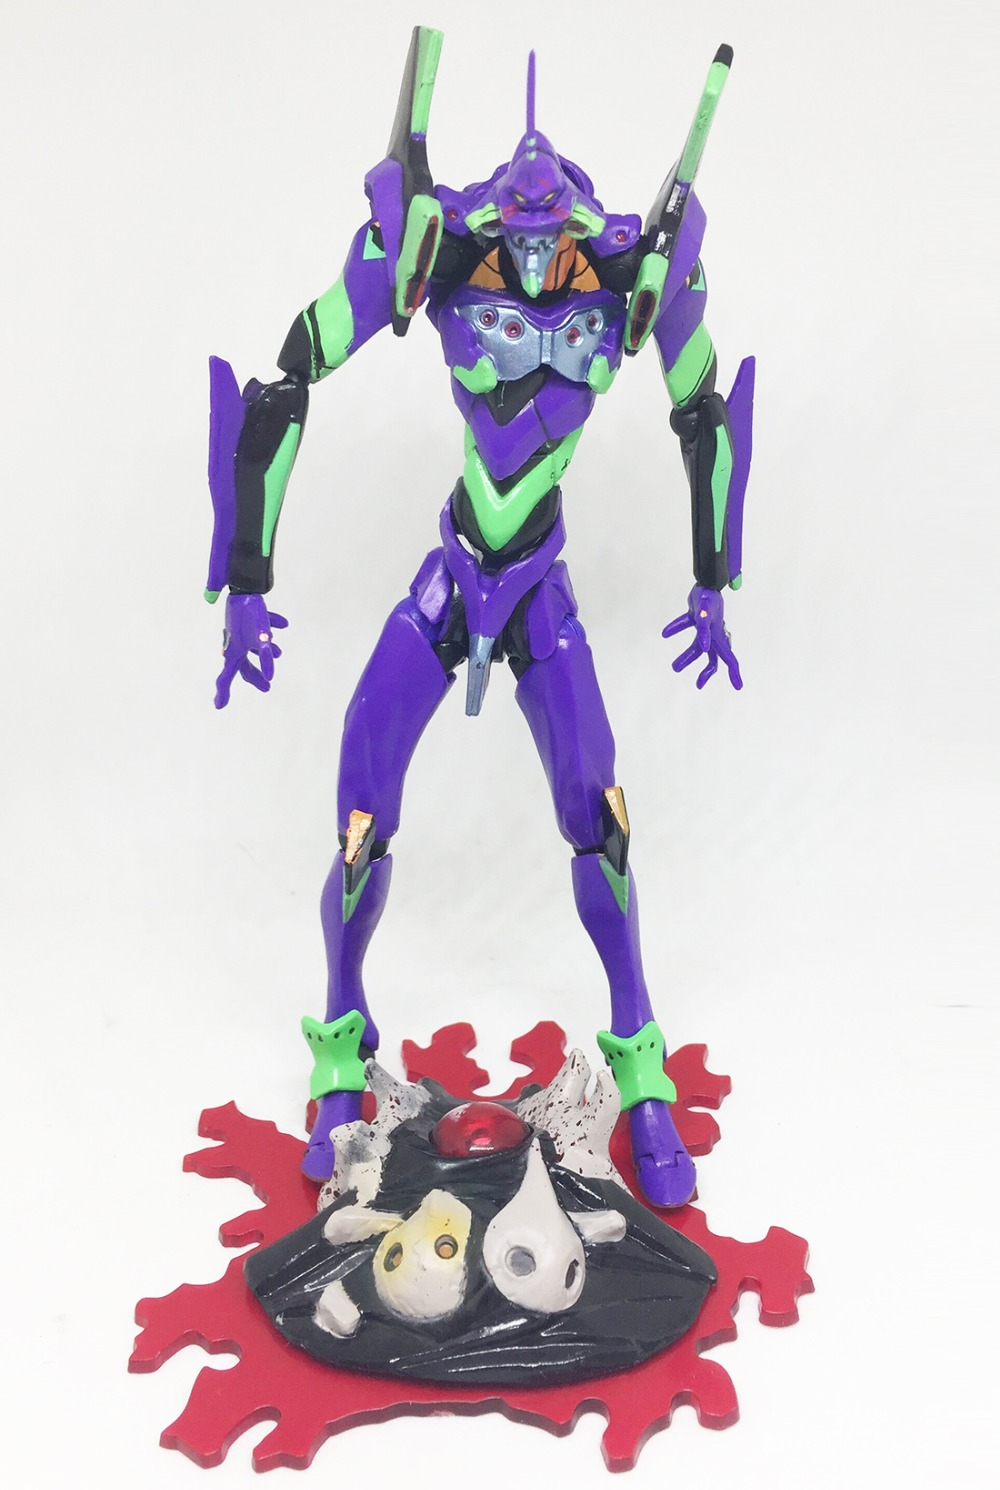 EVA Neon Genesis Evangelion EVA 01 TEST TYPE 01 Action Figure Toy ...